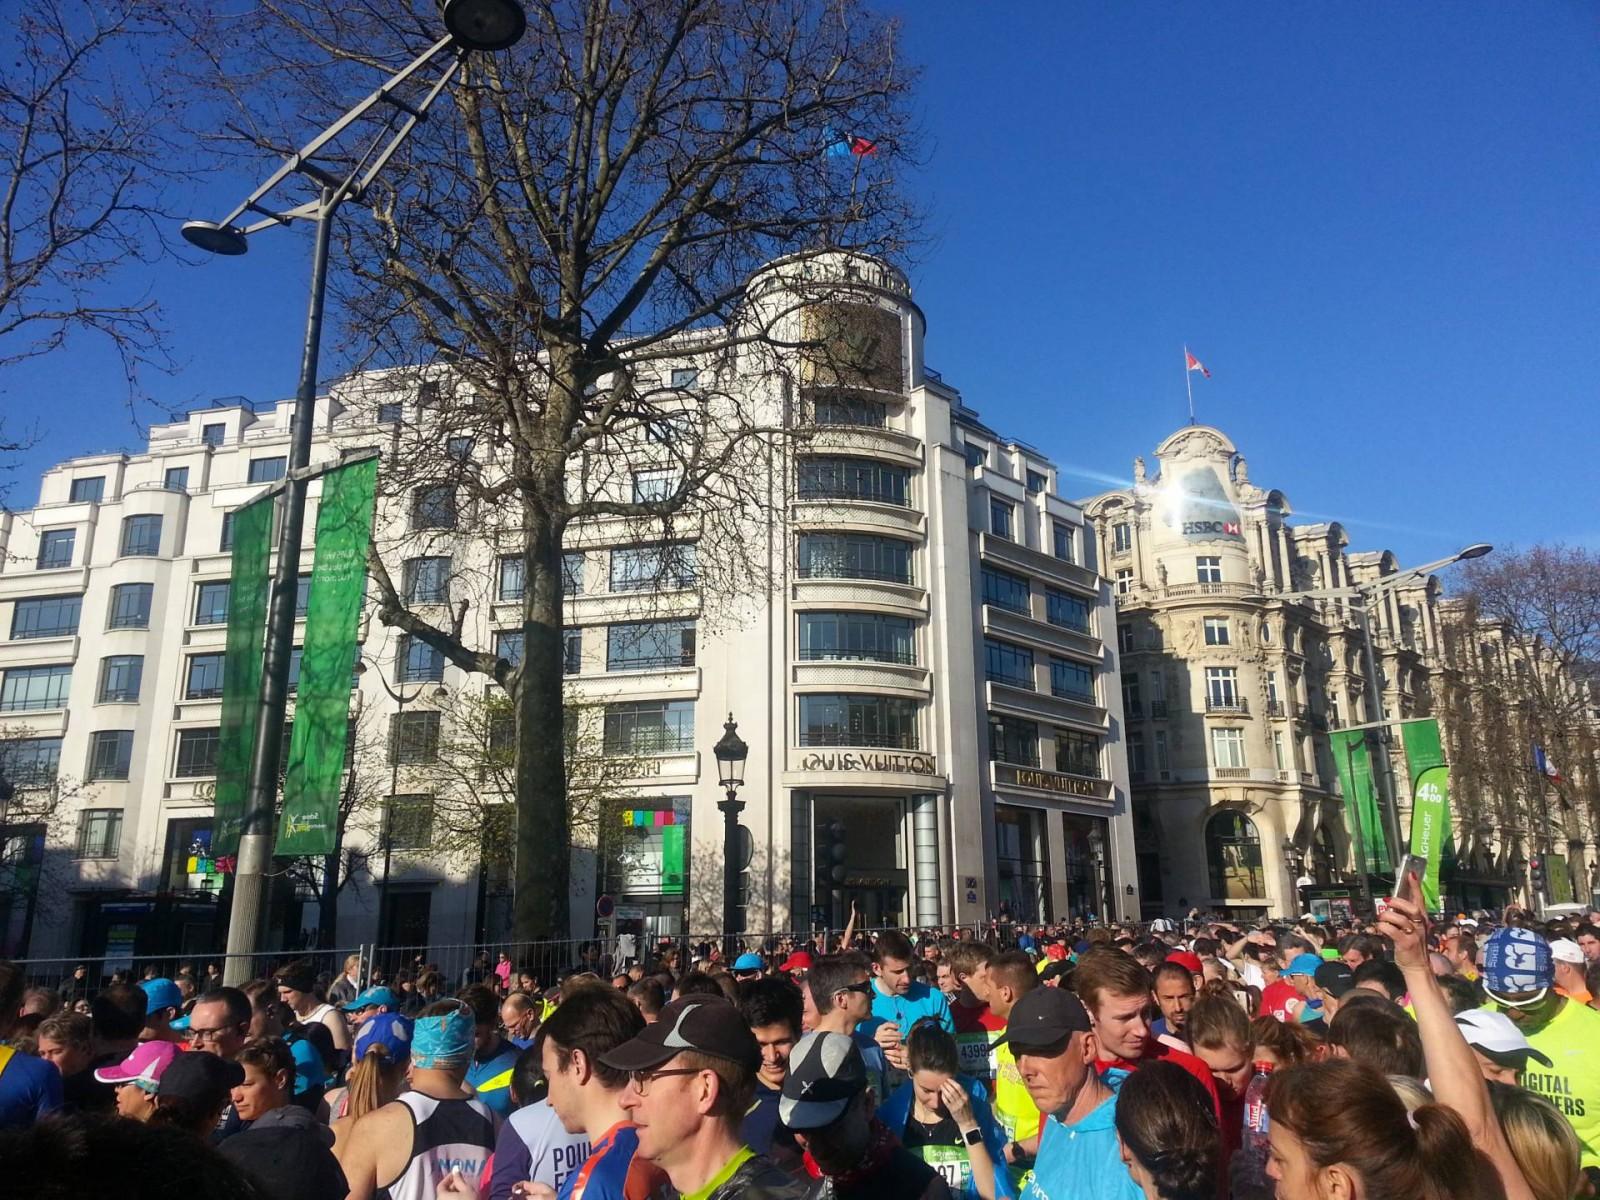 Louis Vuitton Champs Elysees Paris marathon start line